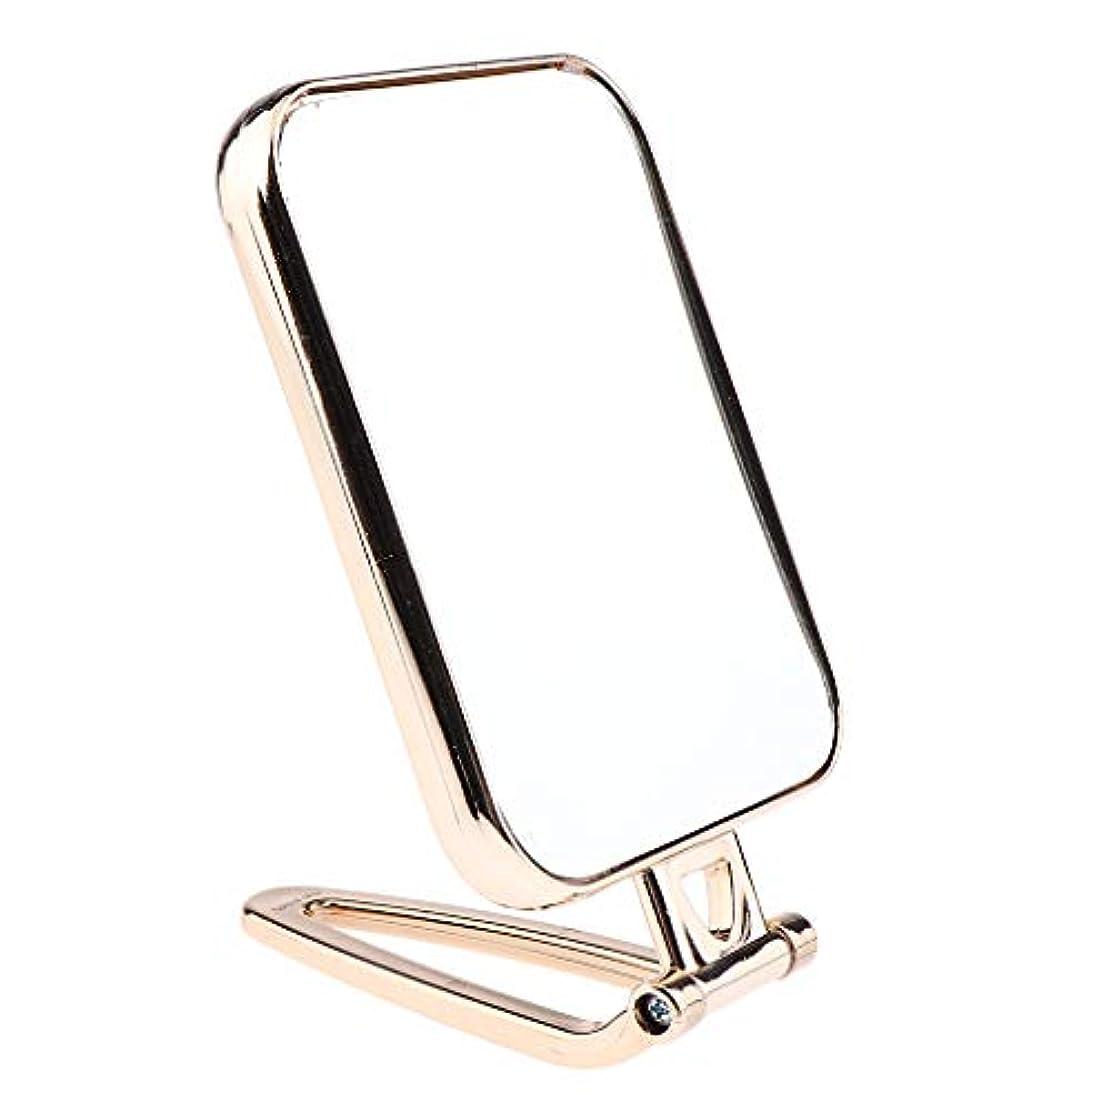 増加する想像力解決メイクアップミラー 折りたたみ ポータブル 洗面台 卓上 旅行 コンパクトミラー 2タイプ選べ - ゴールド